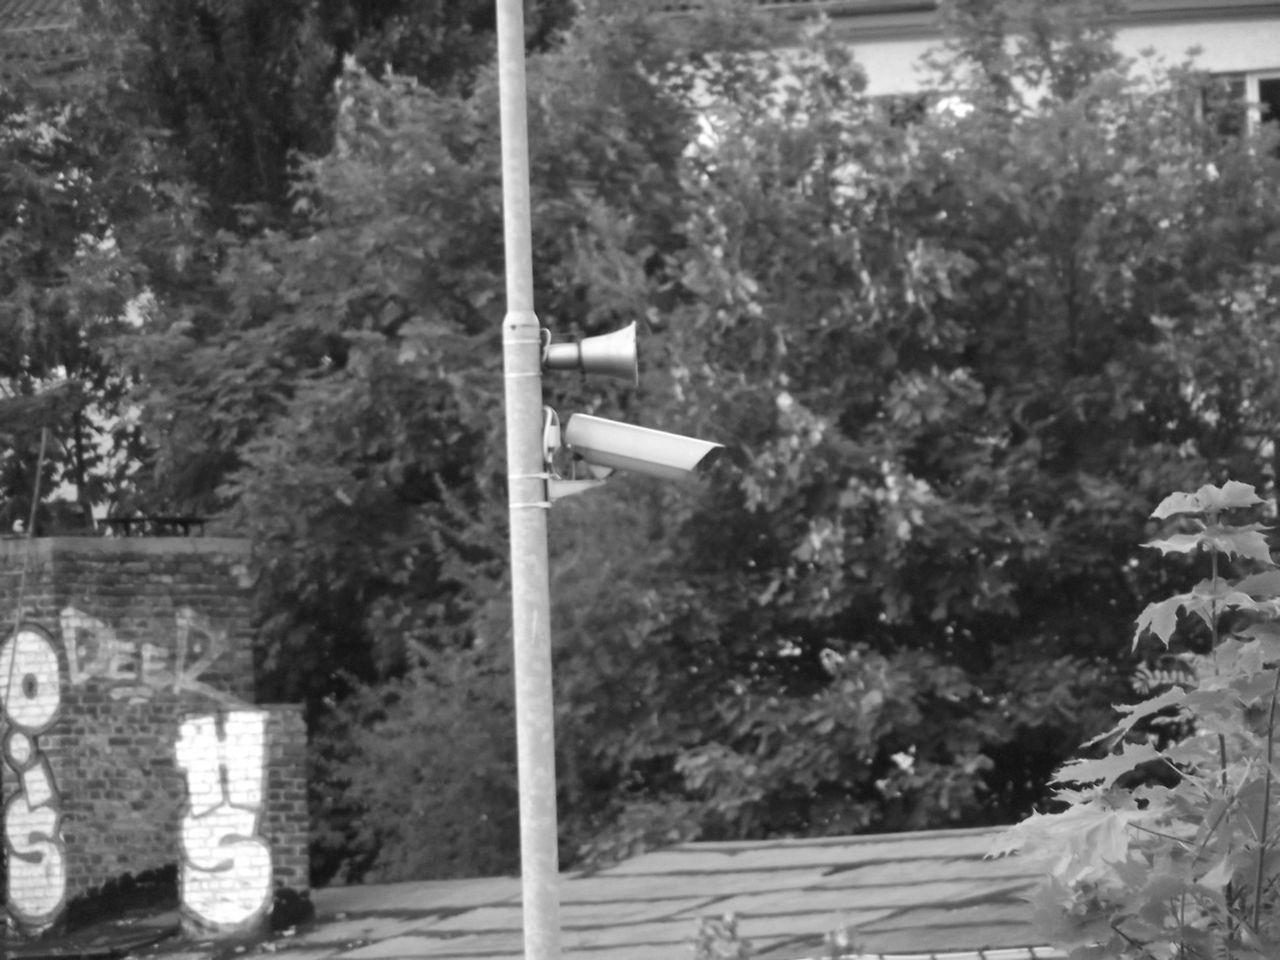 überwachung